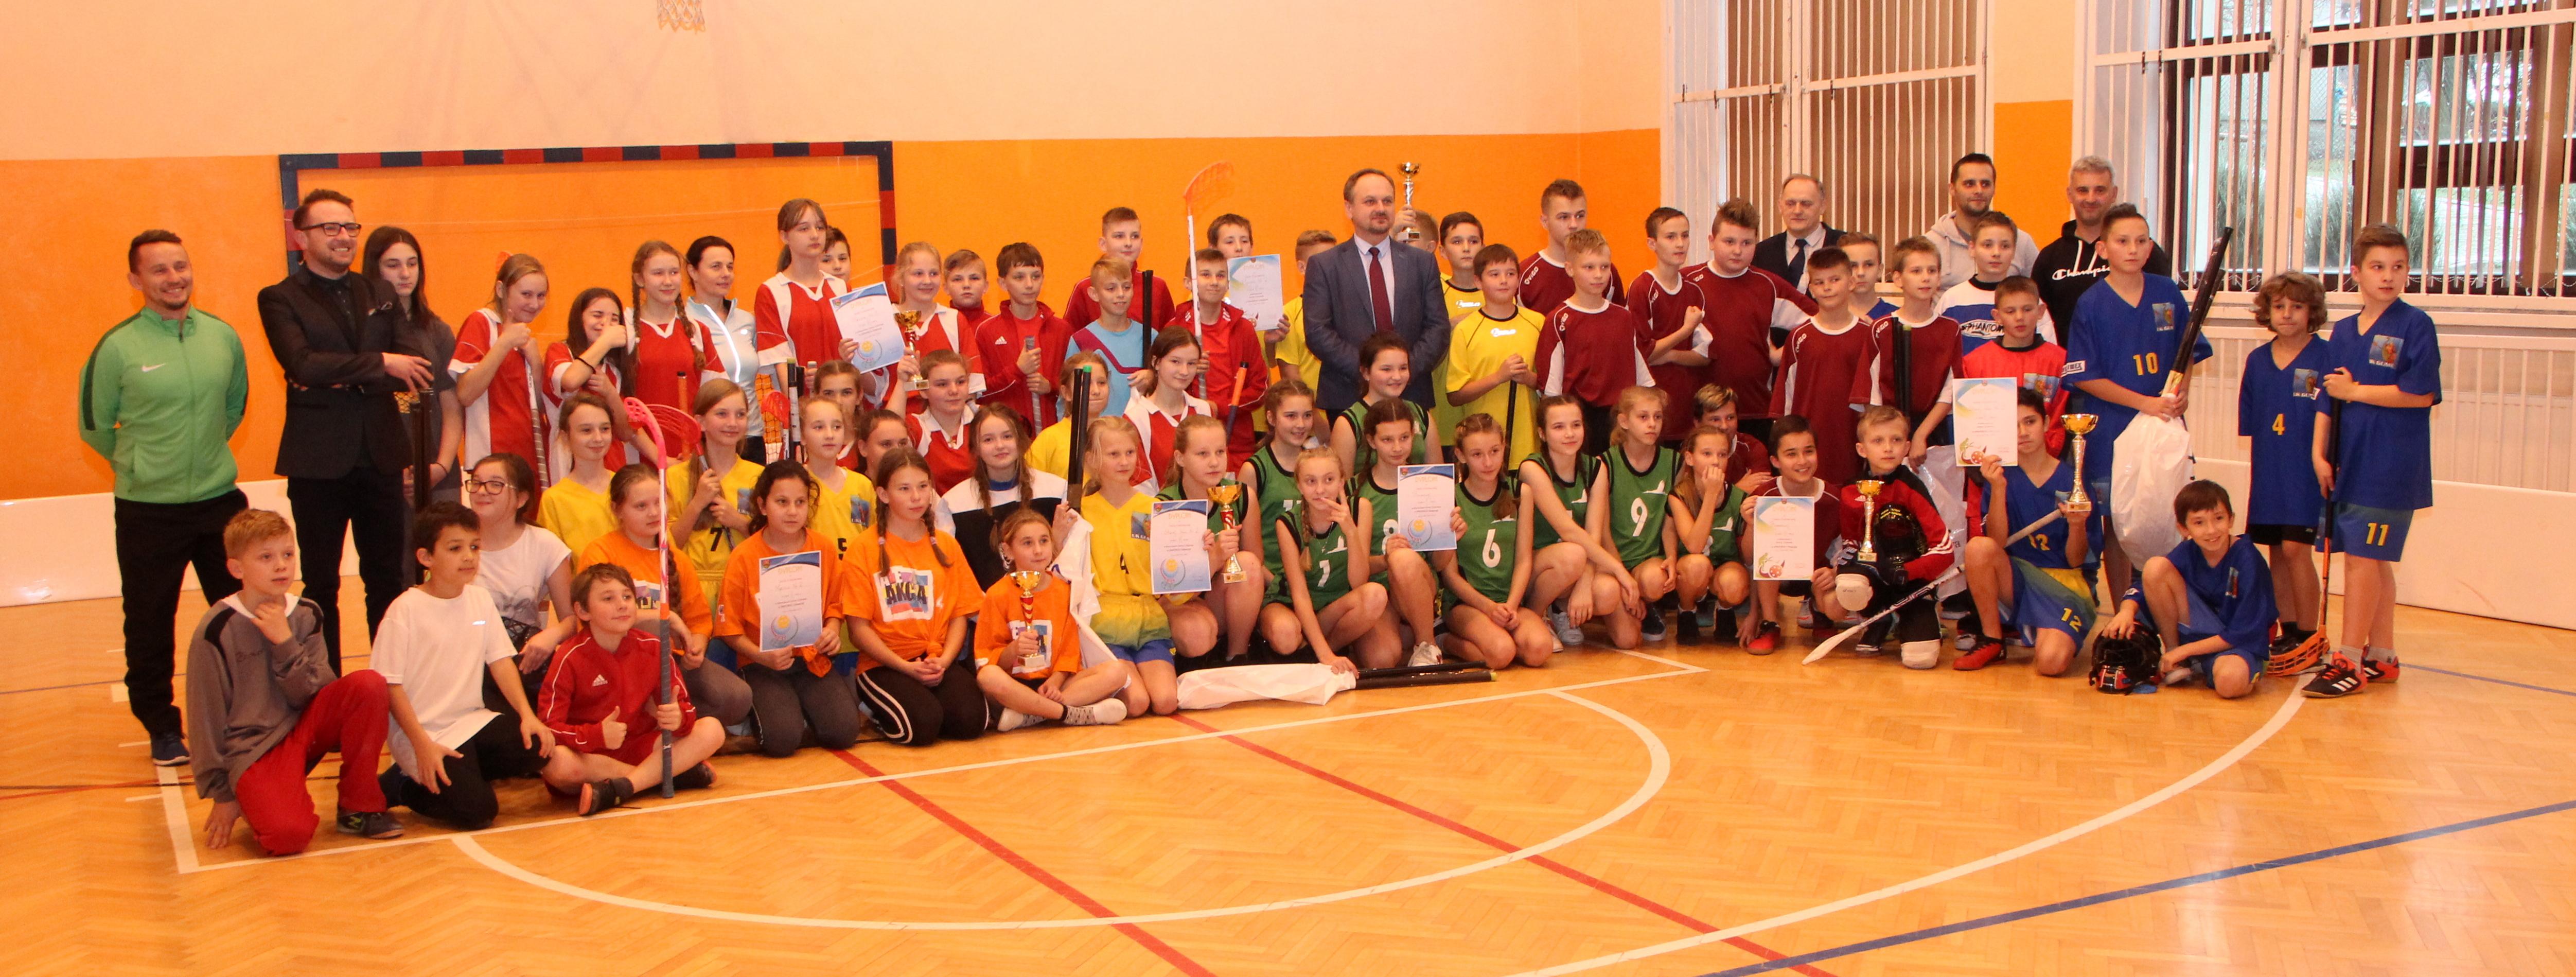 Za nami Igrzyska Dzieci w unihokeju dziewcząt i chłopców - zdjęcie główne